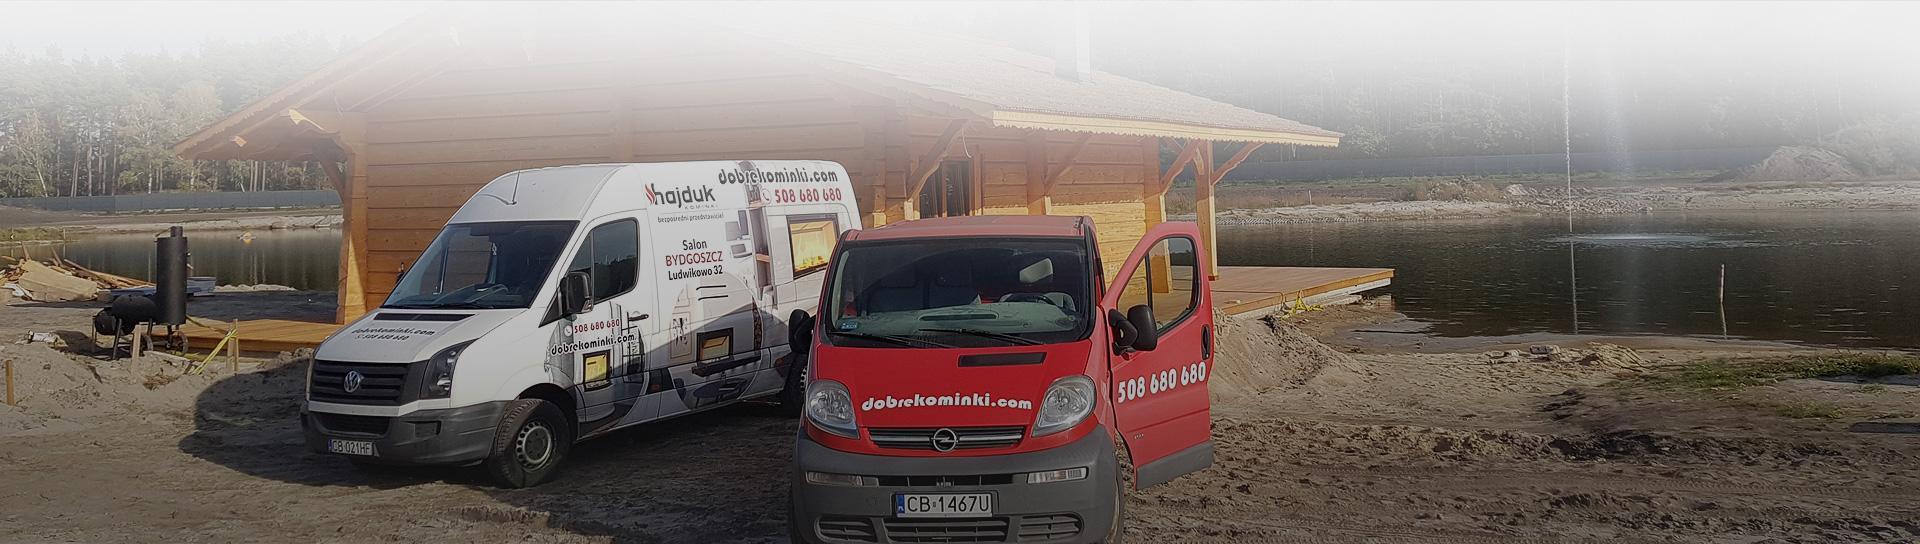 Wany firmy Dobrekominki przed drewnianym domkiem